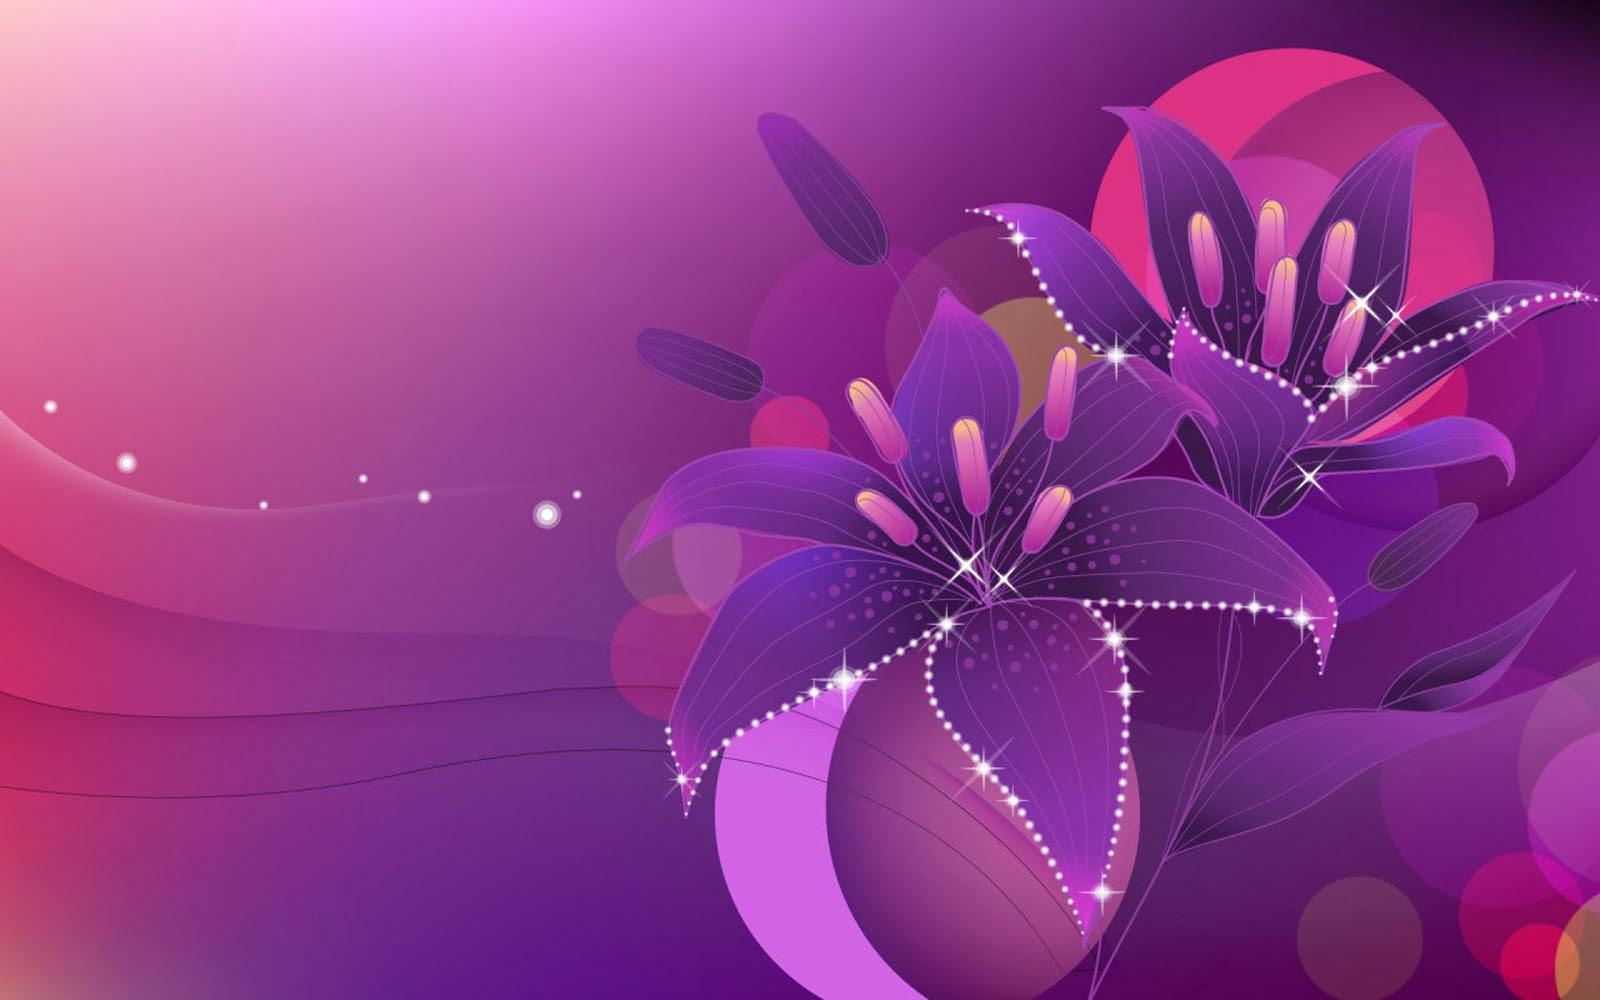 3D Flowers Desktop Backgrounds 3D Flowers Photos 3D Flowers 1600x1000